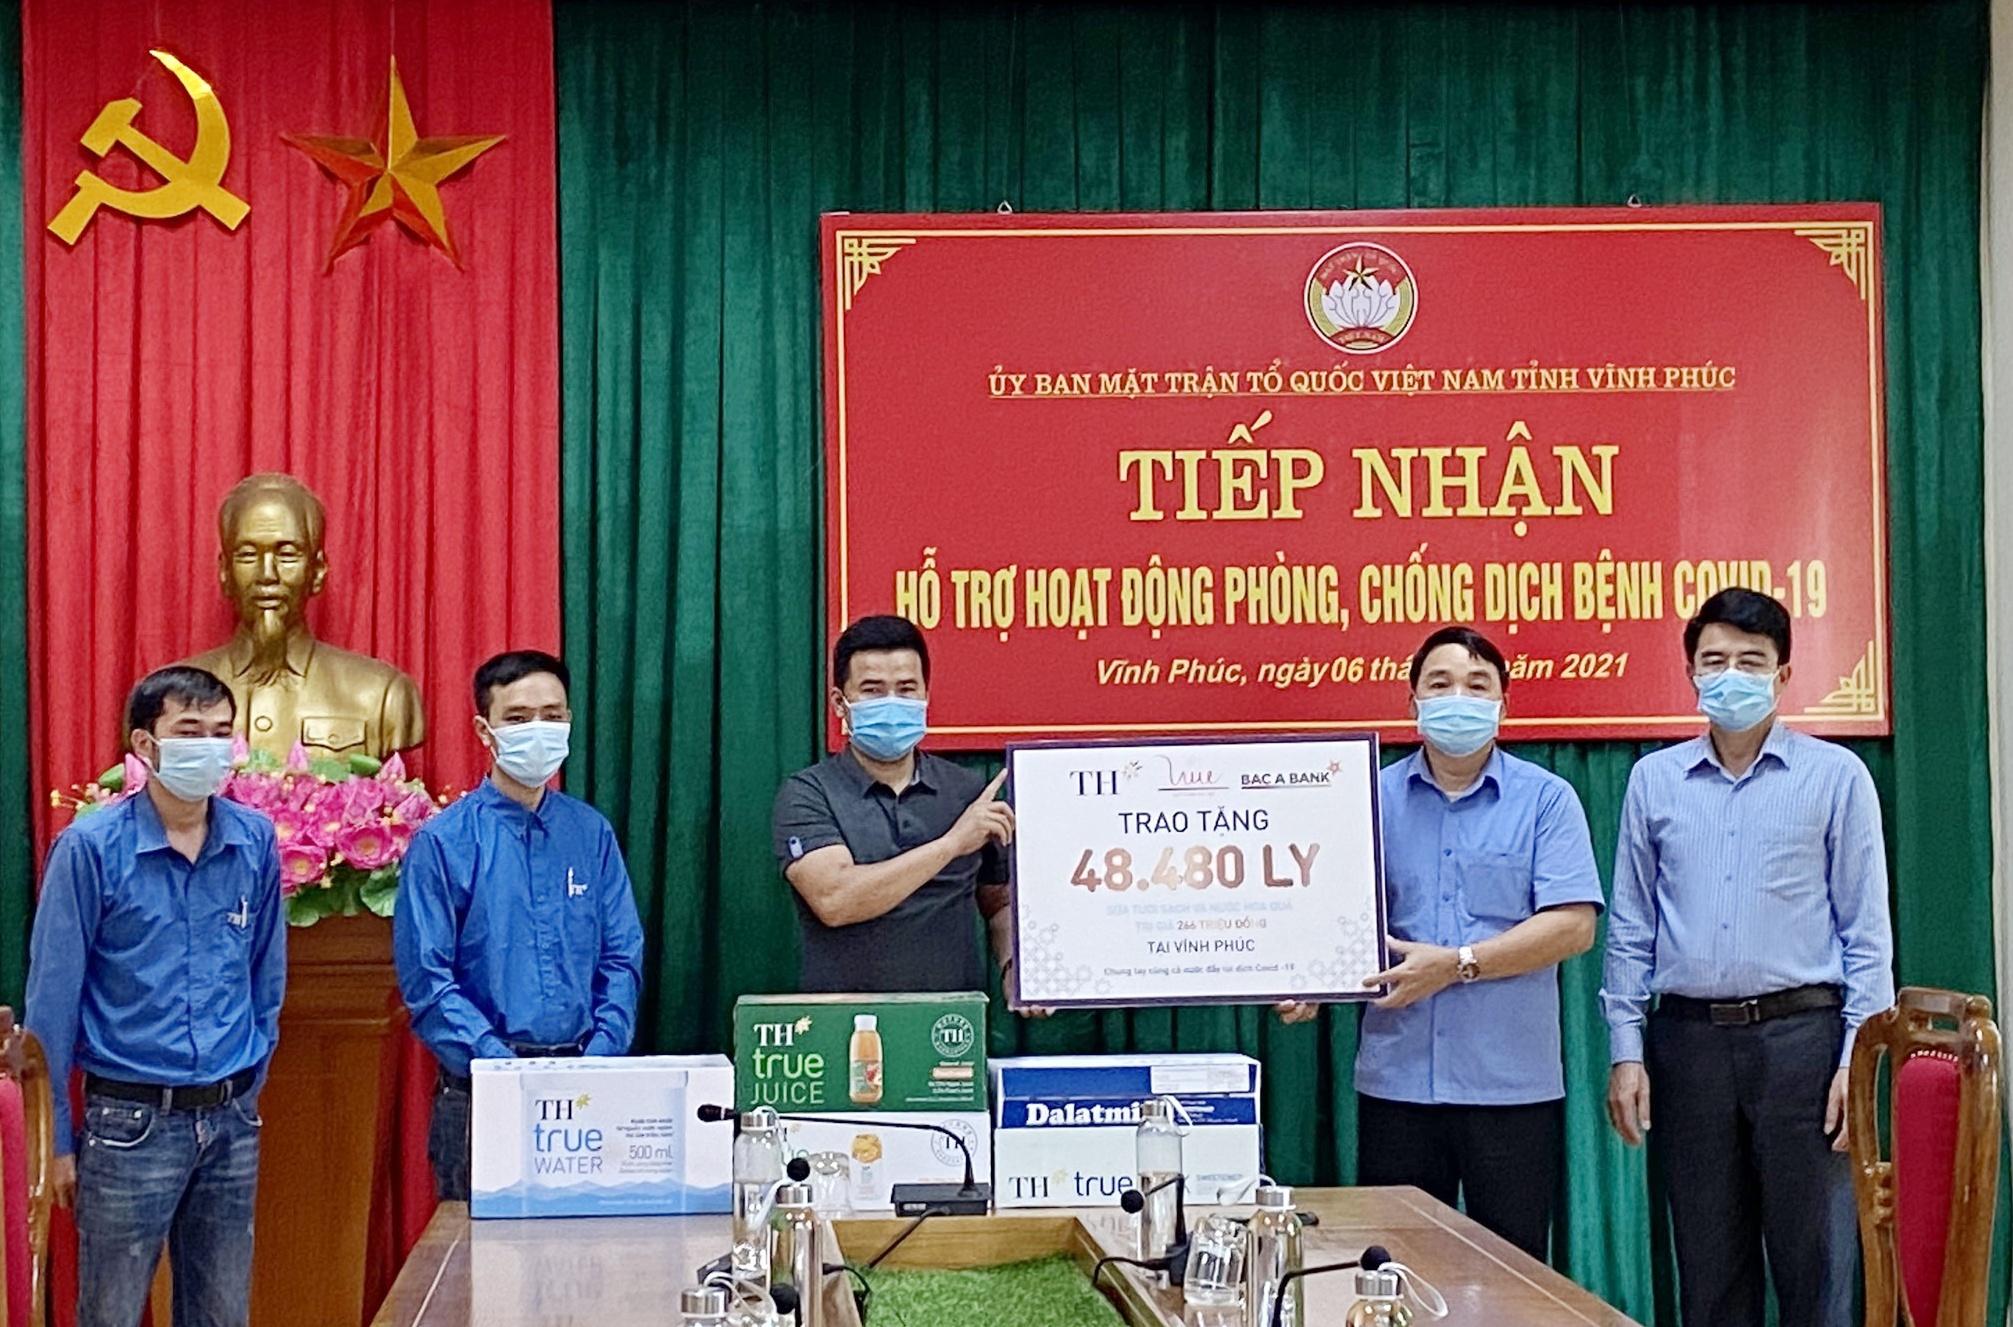 Tập đoàn TH trao tặng Hà Nam, Vĩnh Phúc hơn 145.000 sản phẩm đồ uống tốt cho sức khỏe, chung tay chống dịch COVID-19 2